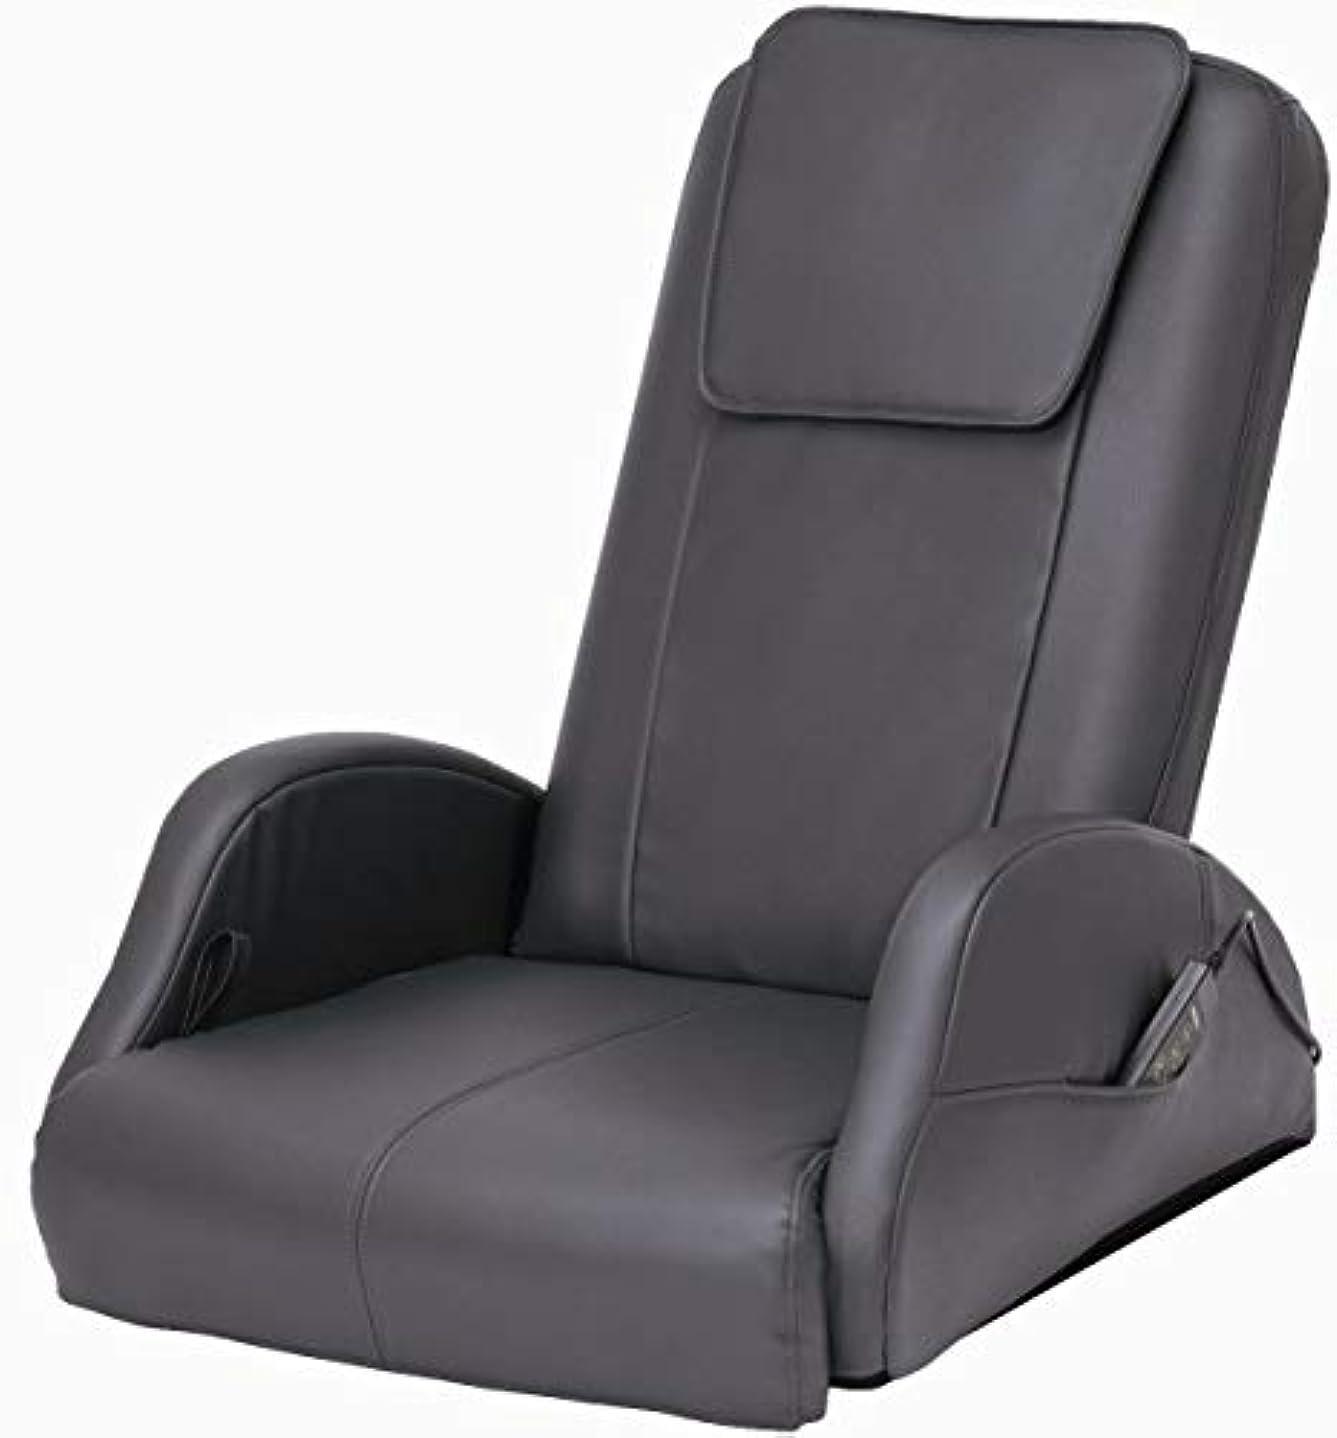 実現可能カカドゥ共産主義者スライヴ マッサージチェア くつろぎ指定席 CHD-661 チャコールグレー